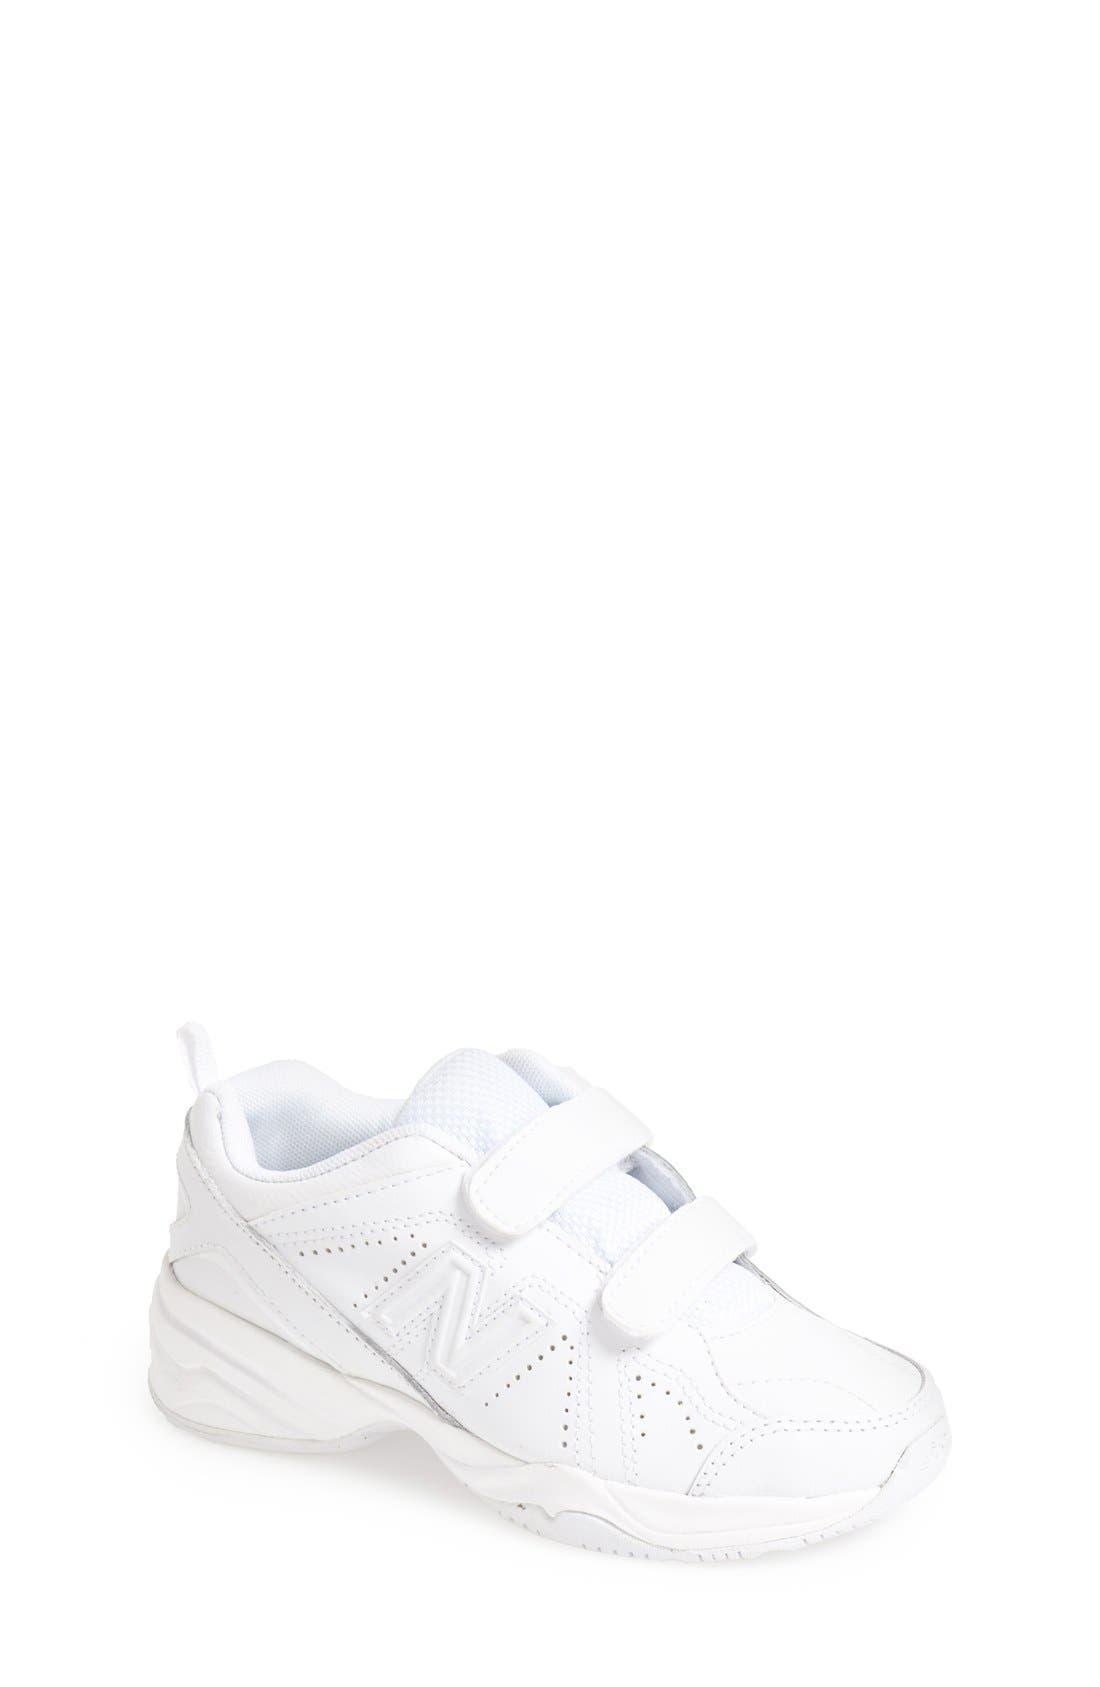 NEW BALANCE 'Takedown 624v2' Sneaker